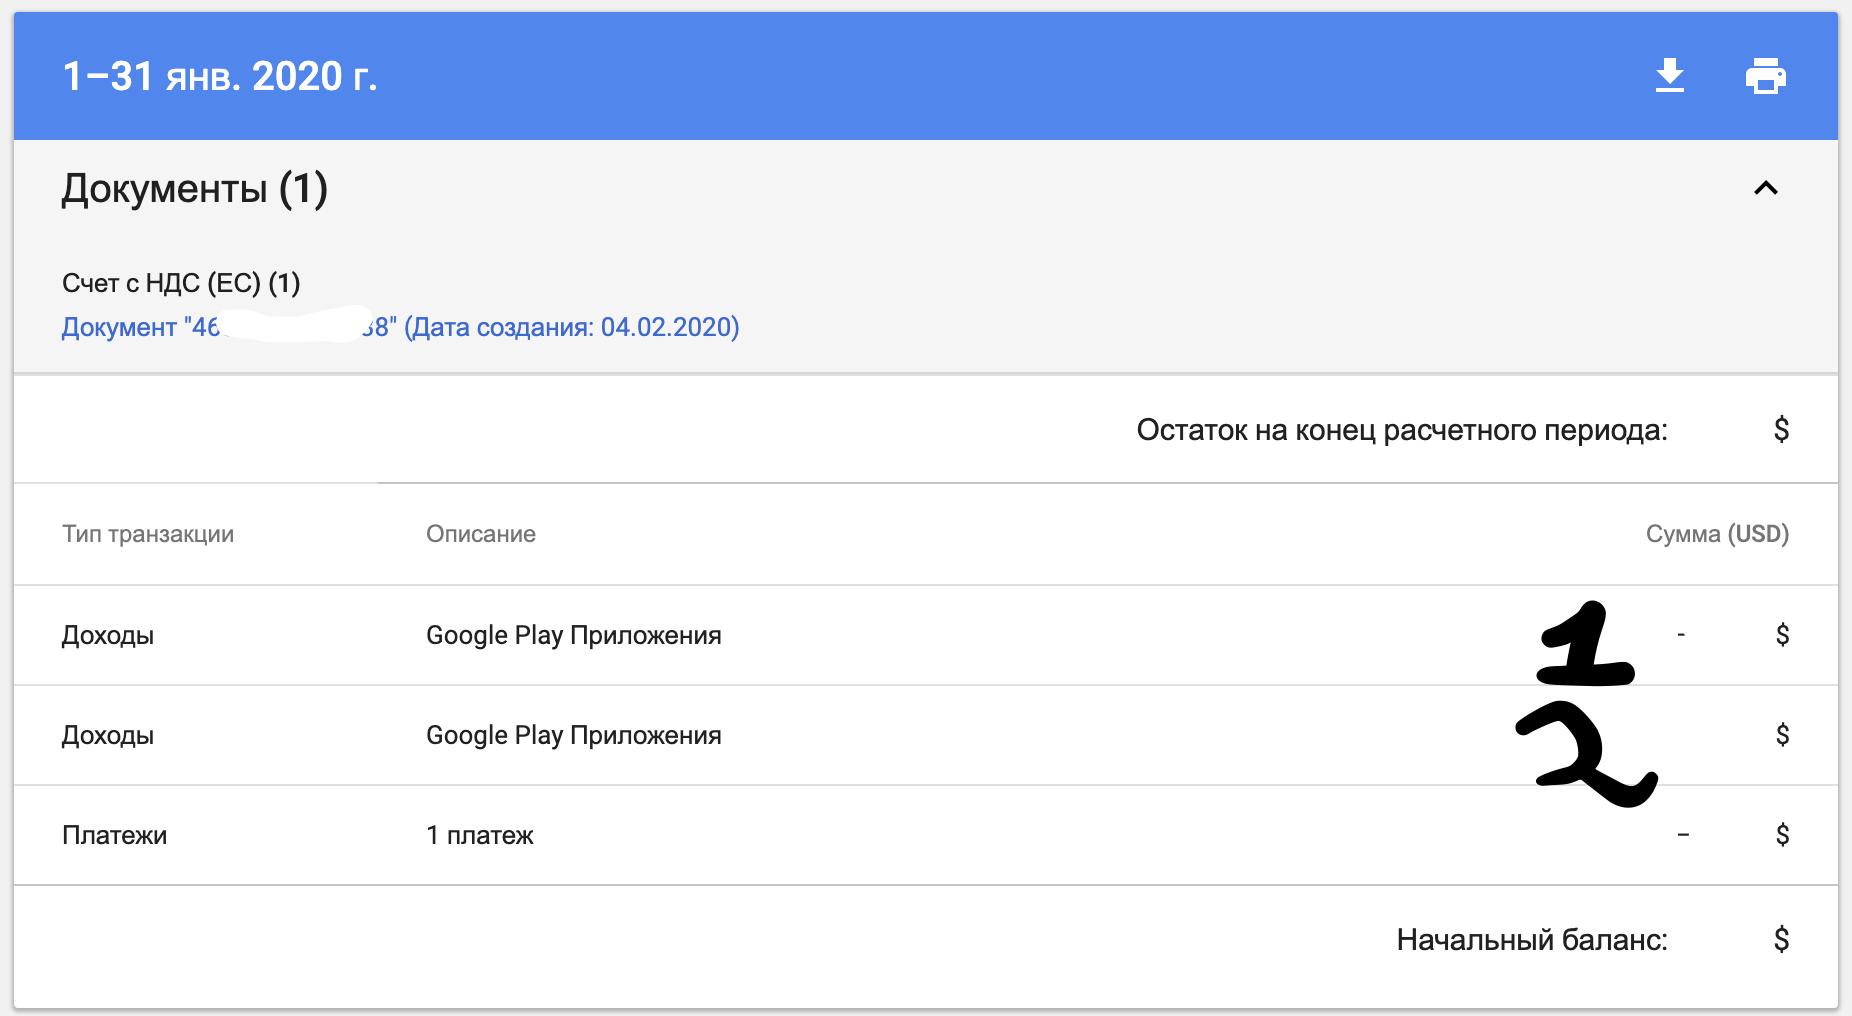 Налоги на доход от Google в Республике Беларусь - 12